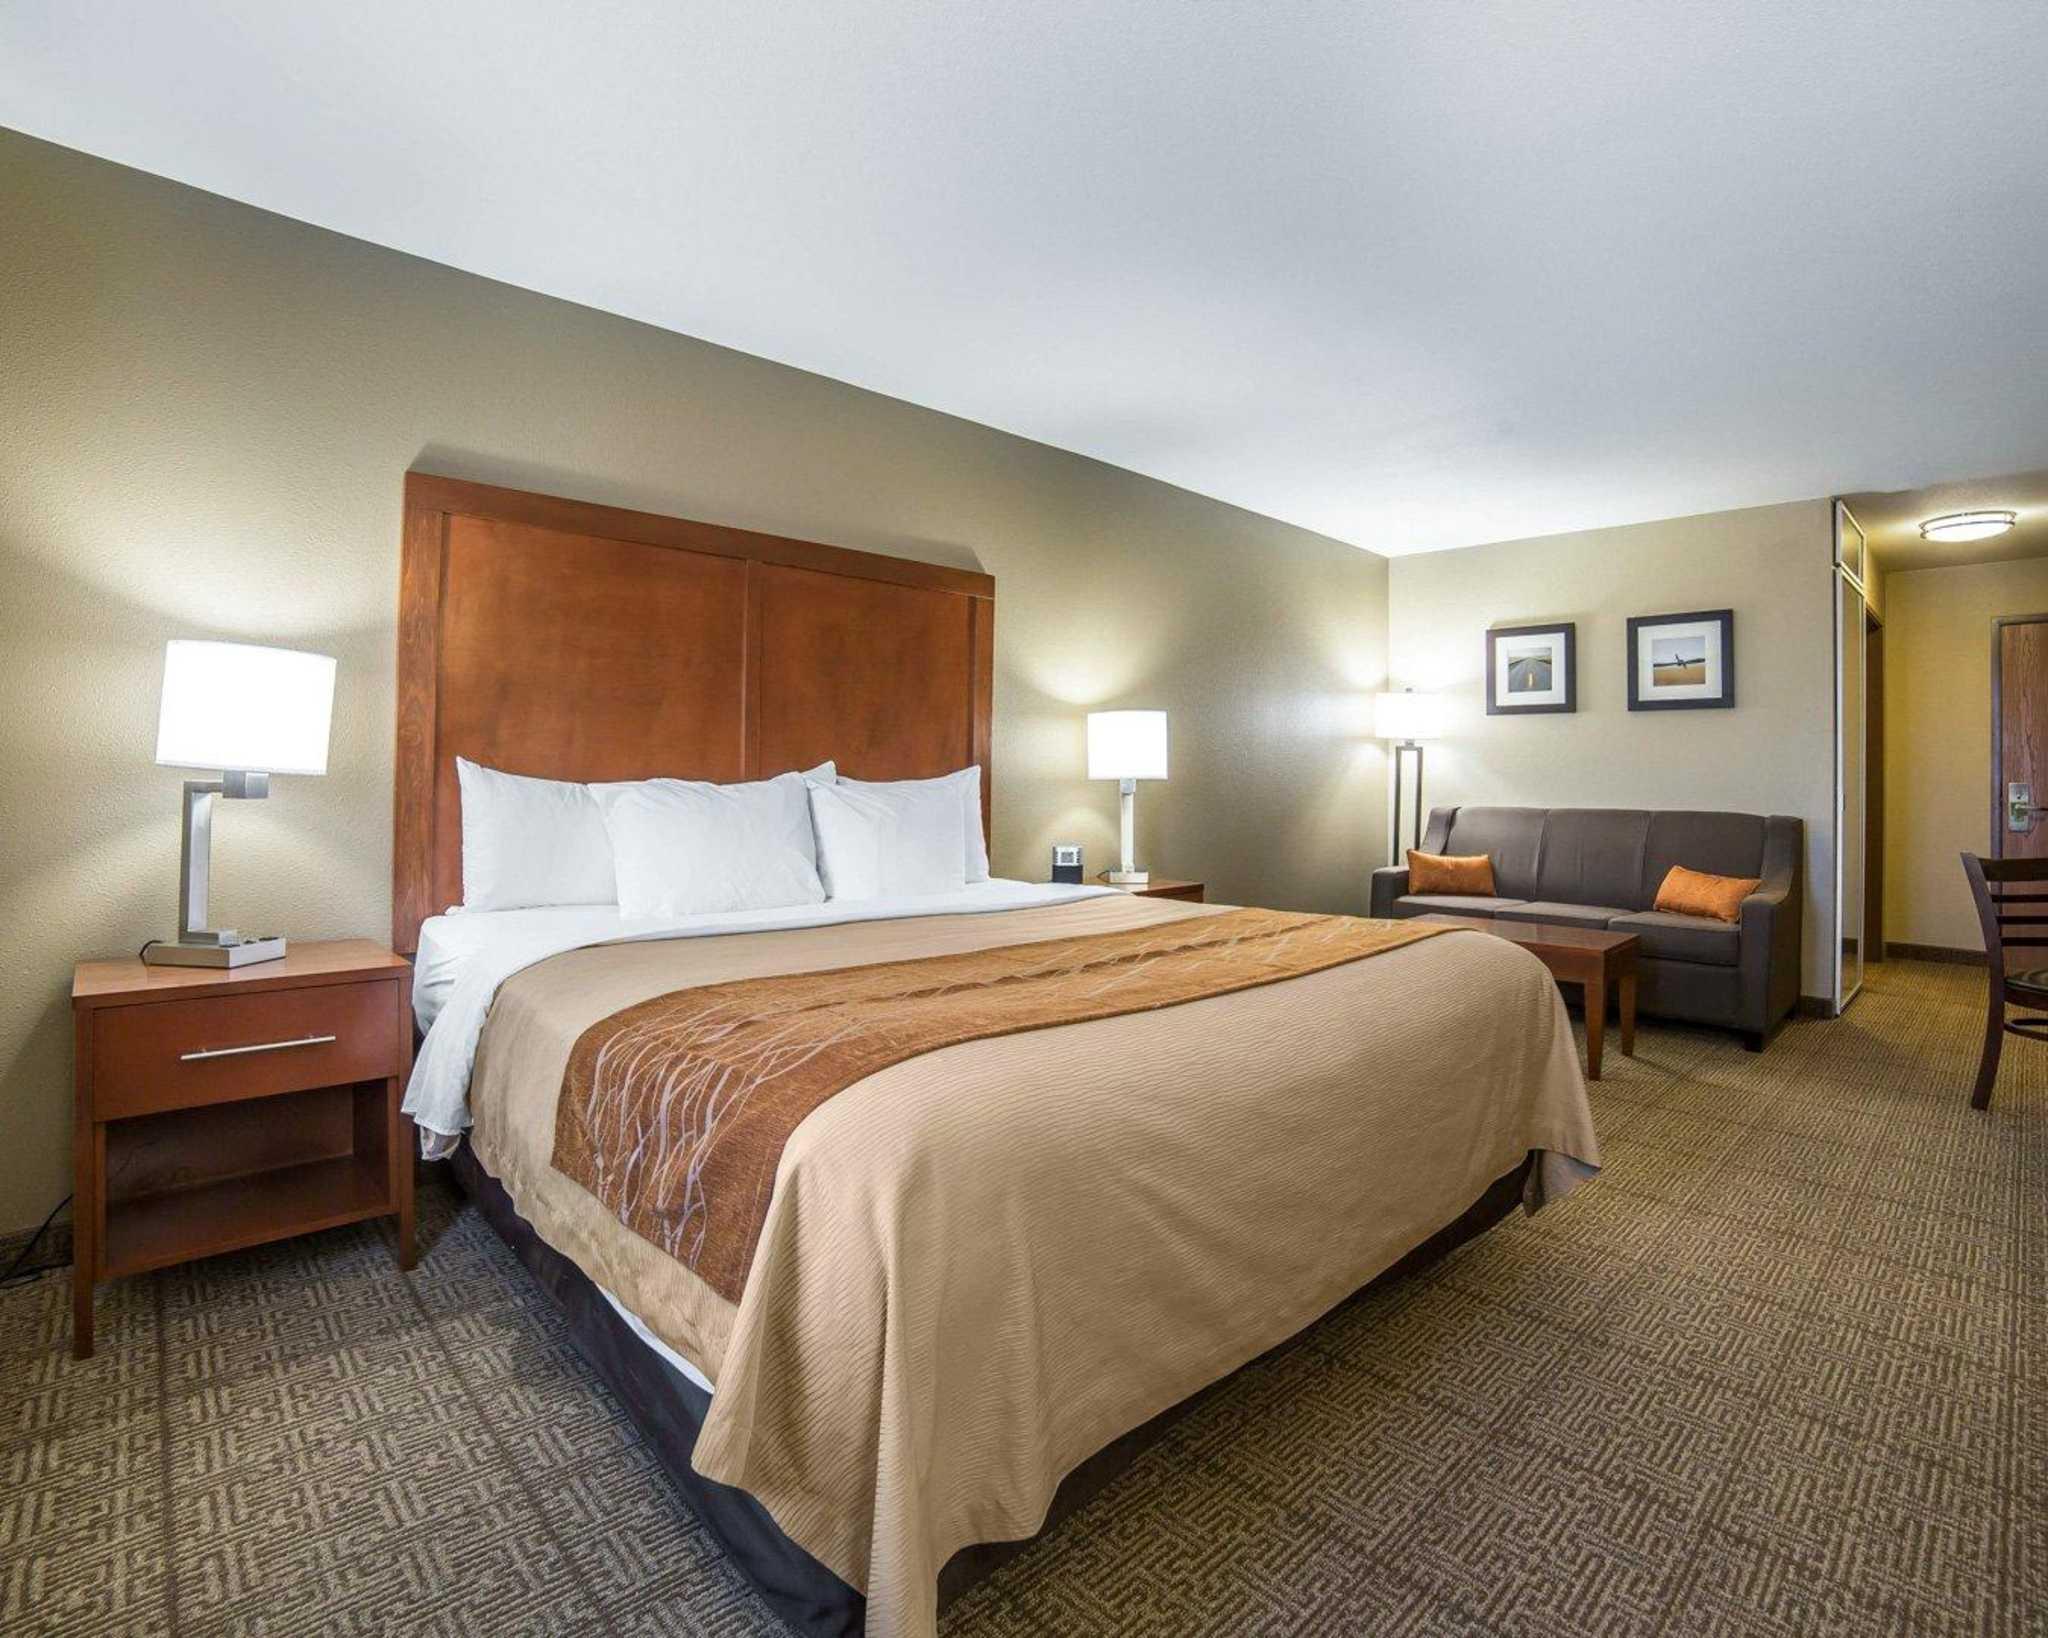 Comfort Inn Evansville-Casper image 31